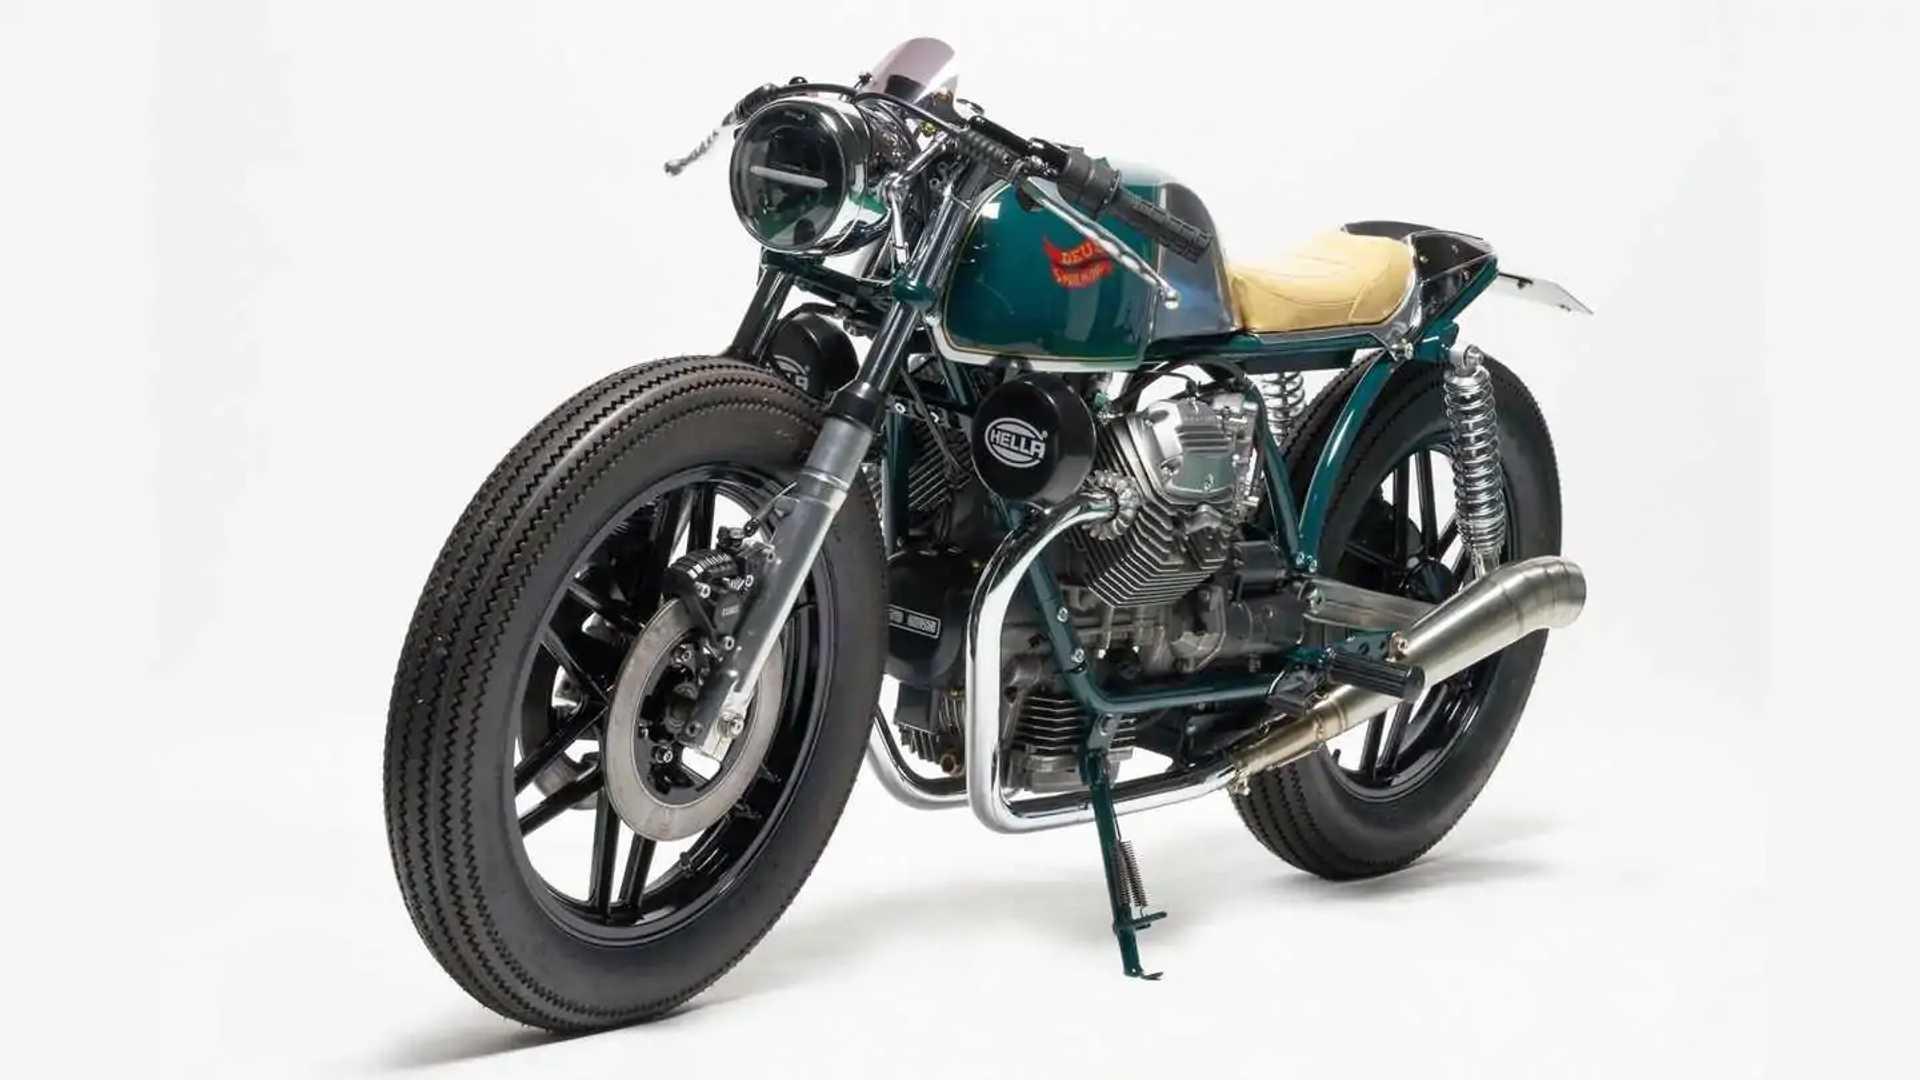 Deus ex Machina Moto Guzzi V50 Beretta - Left Side Front Angle View